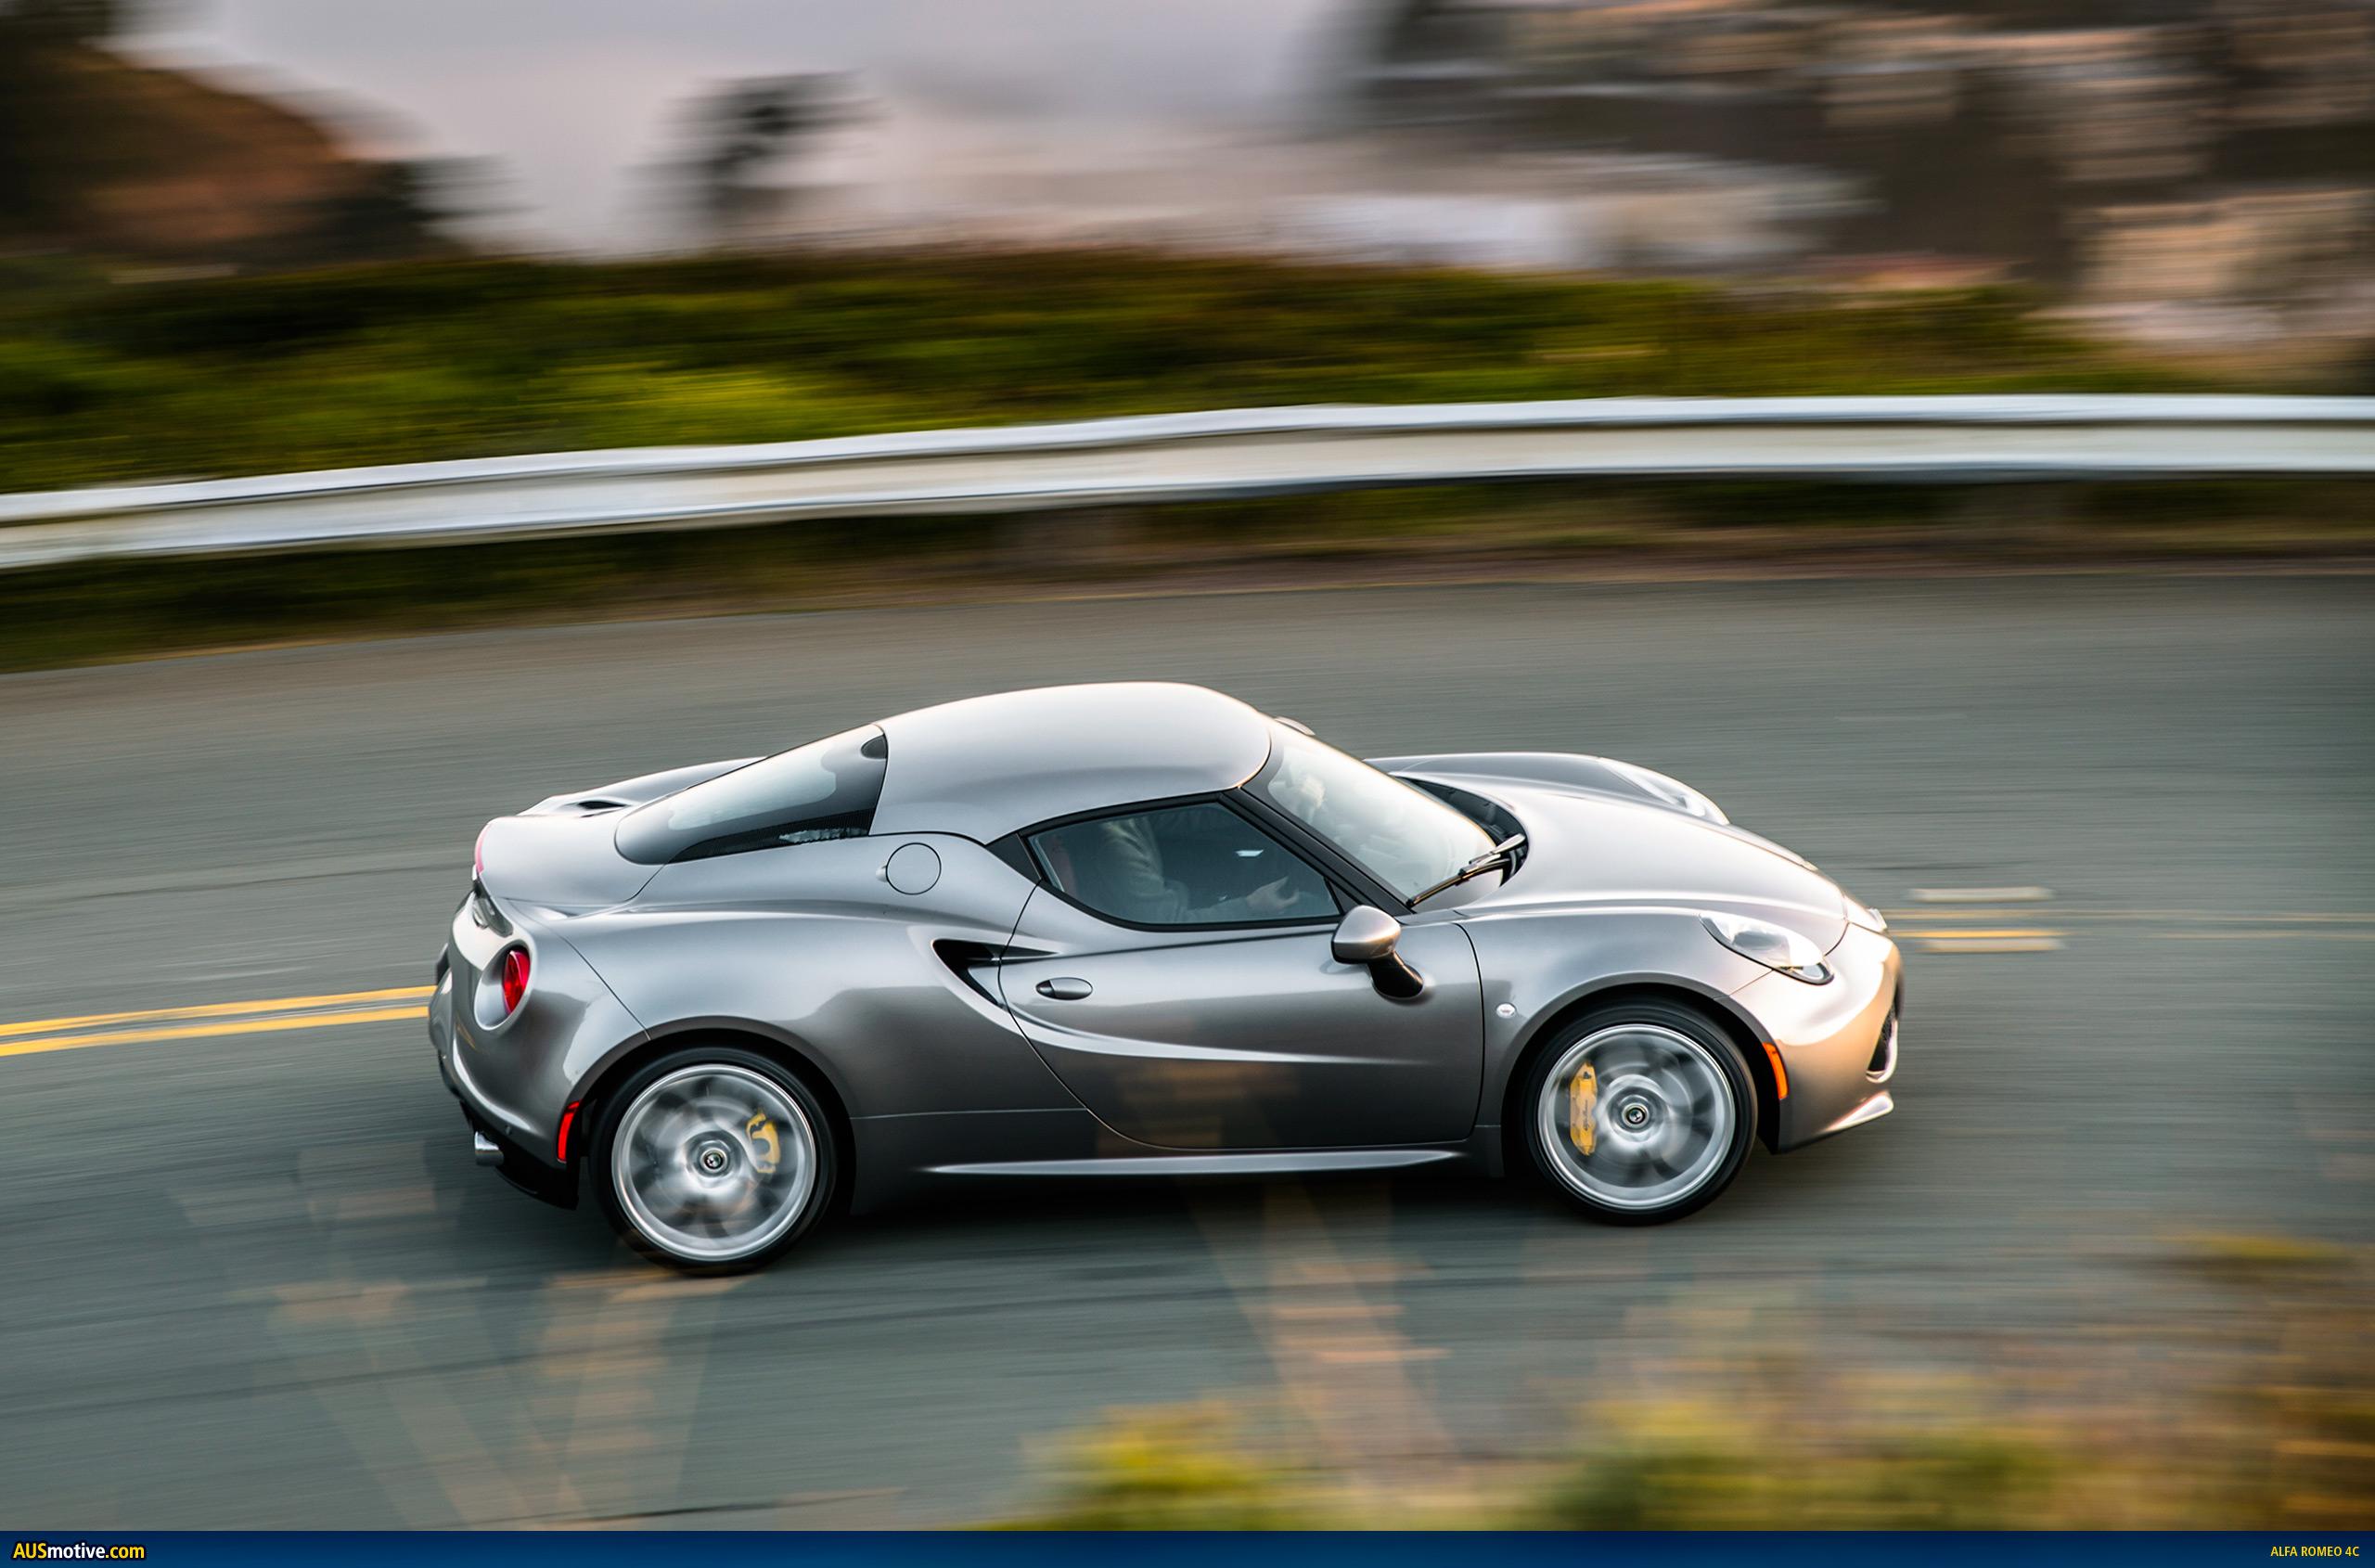 Alfa Romeo 4c Exhaust >> AUSmotive.com » Alfa Romeo 4C – Australian pricing & specs